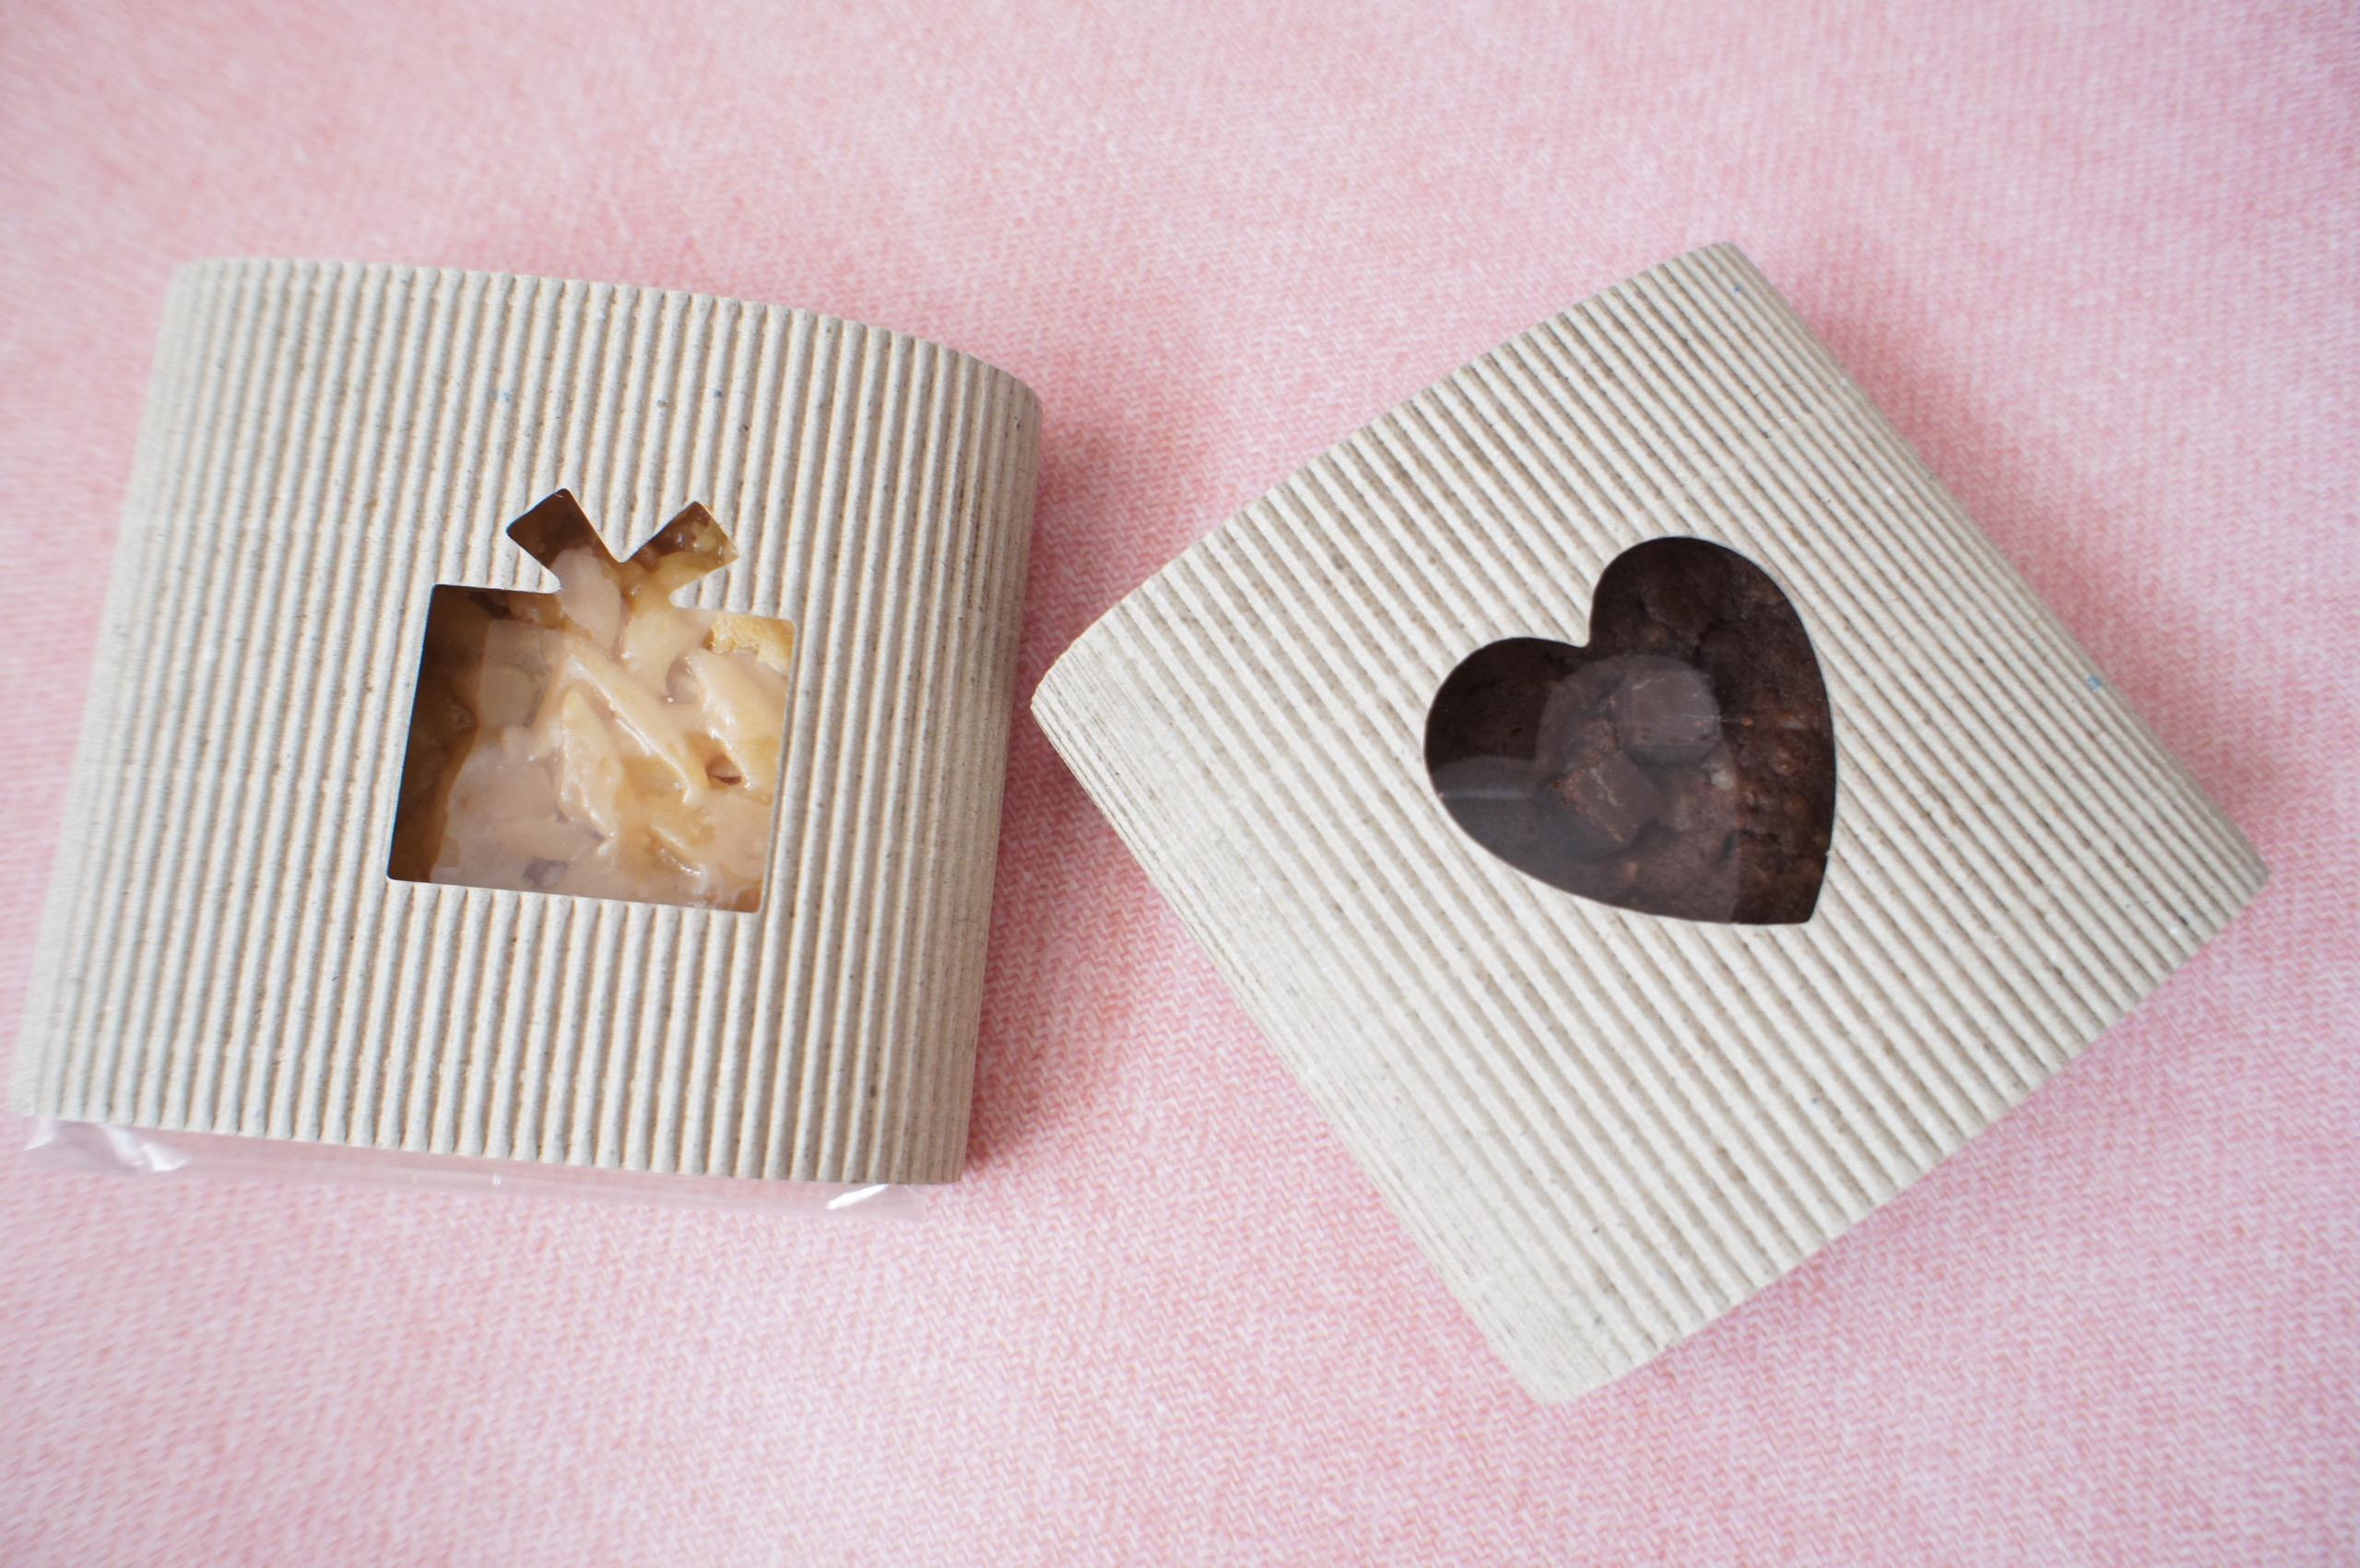 《1個¥190から買える❤️》友チョコ・義理チョコに最適☝︎❤︎【無印良品】の焼菓子がコスパ◎です!_4